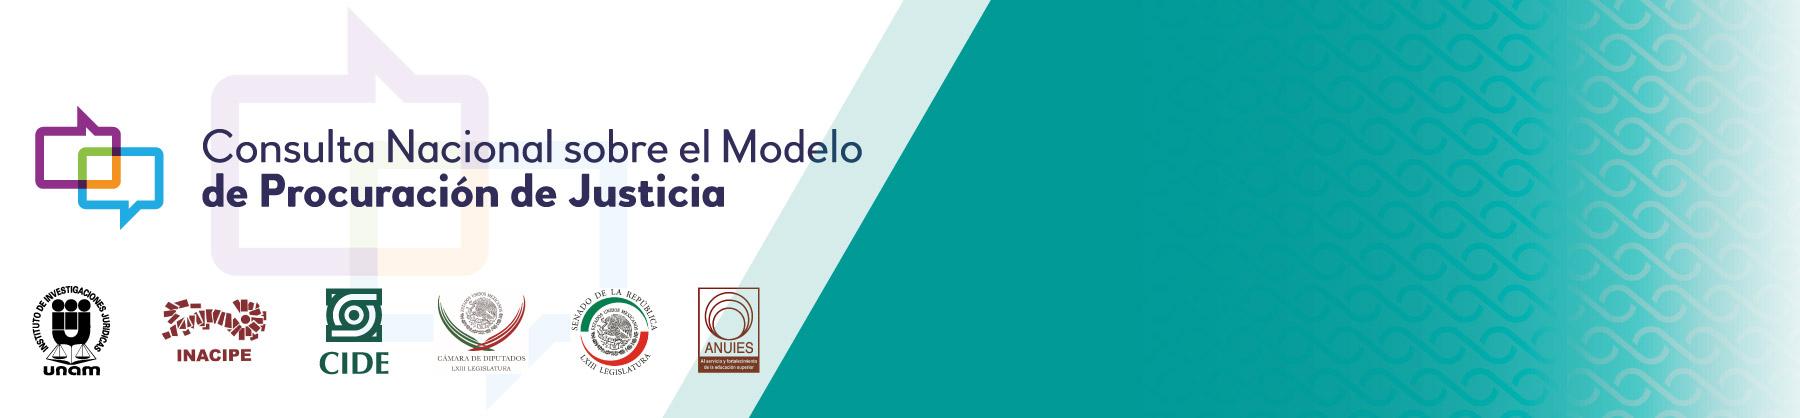 cide_Consulta-Nacional_sobre_el_Modelo_de_Procuracion_de_Justicia